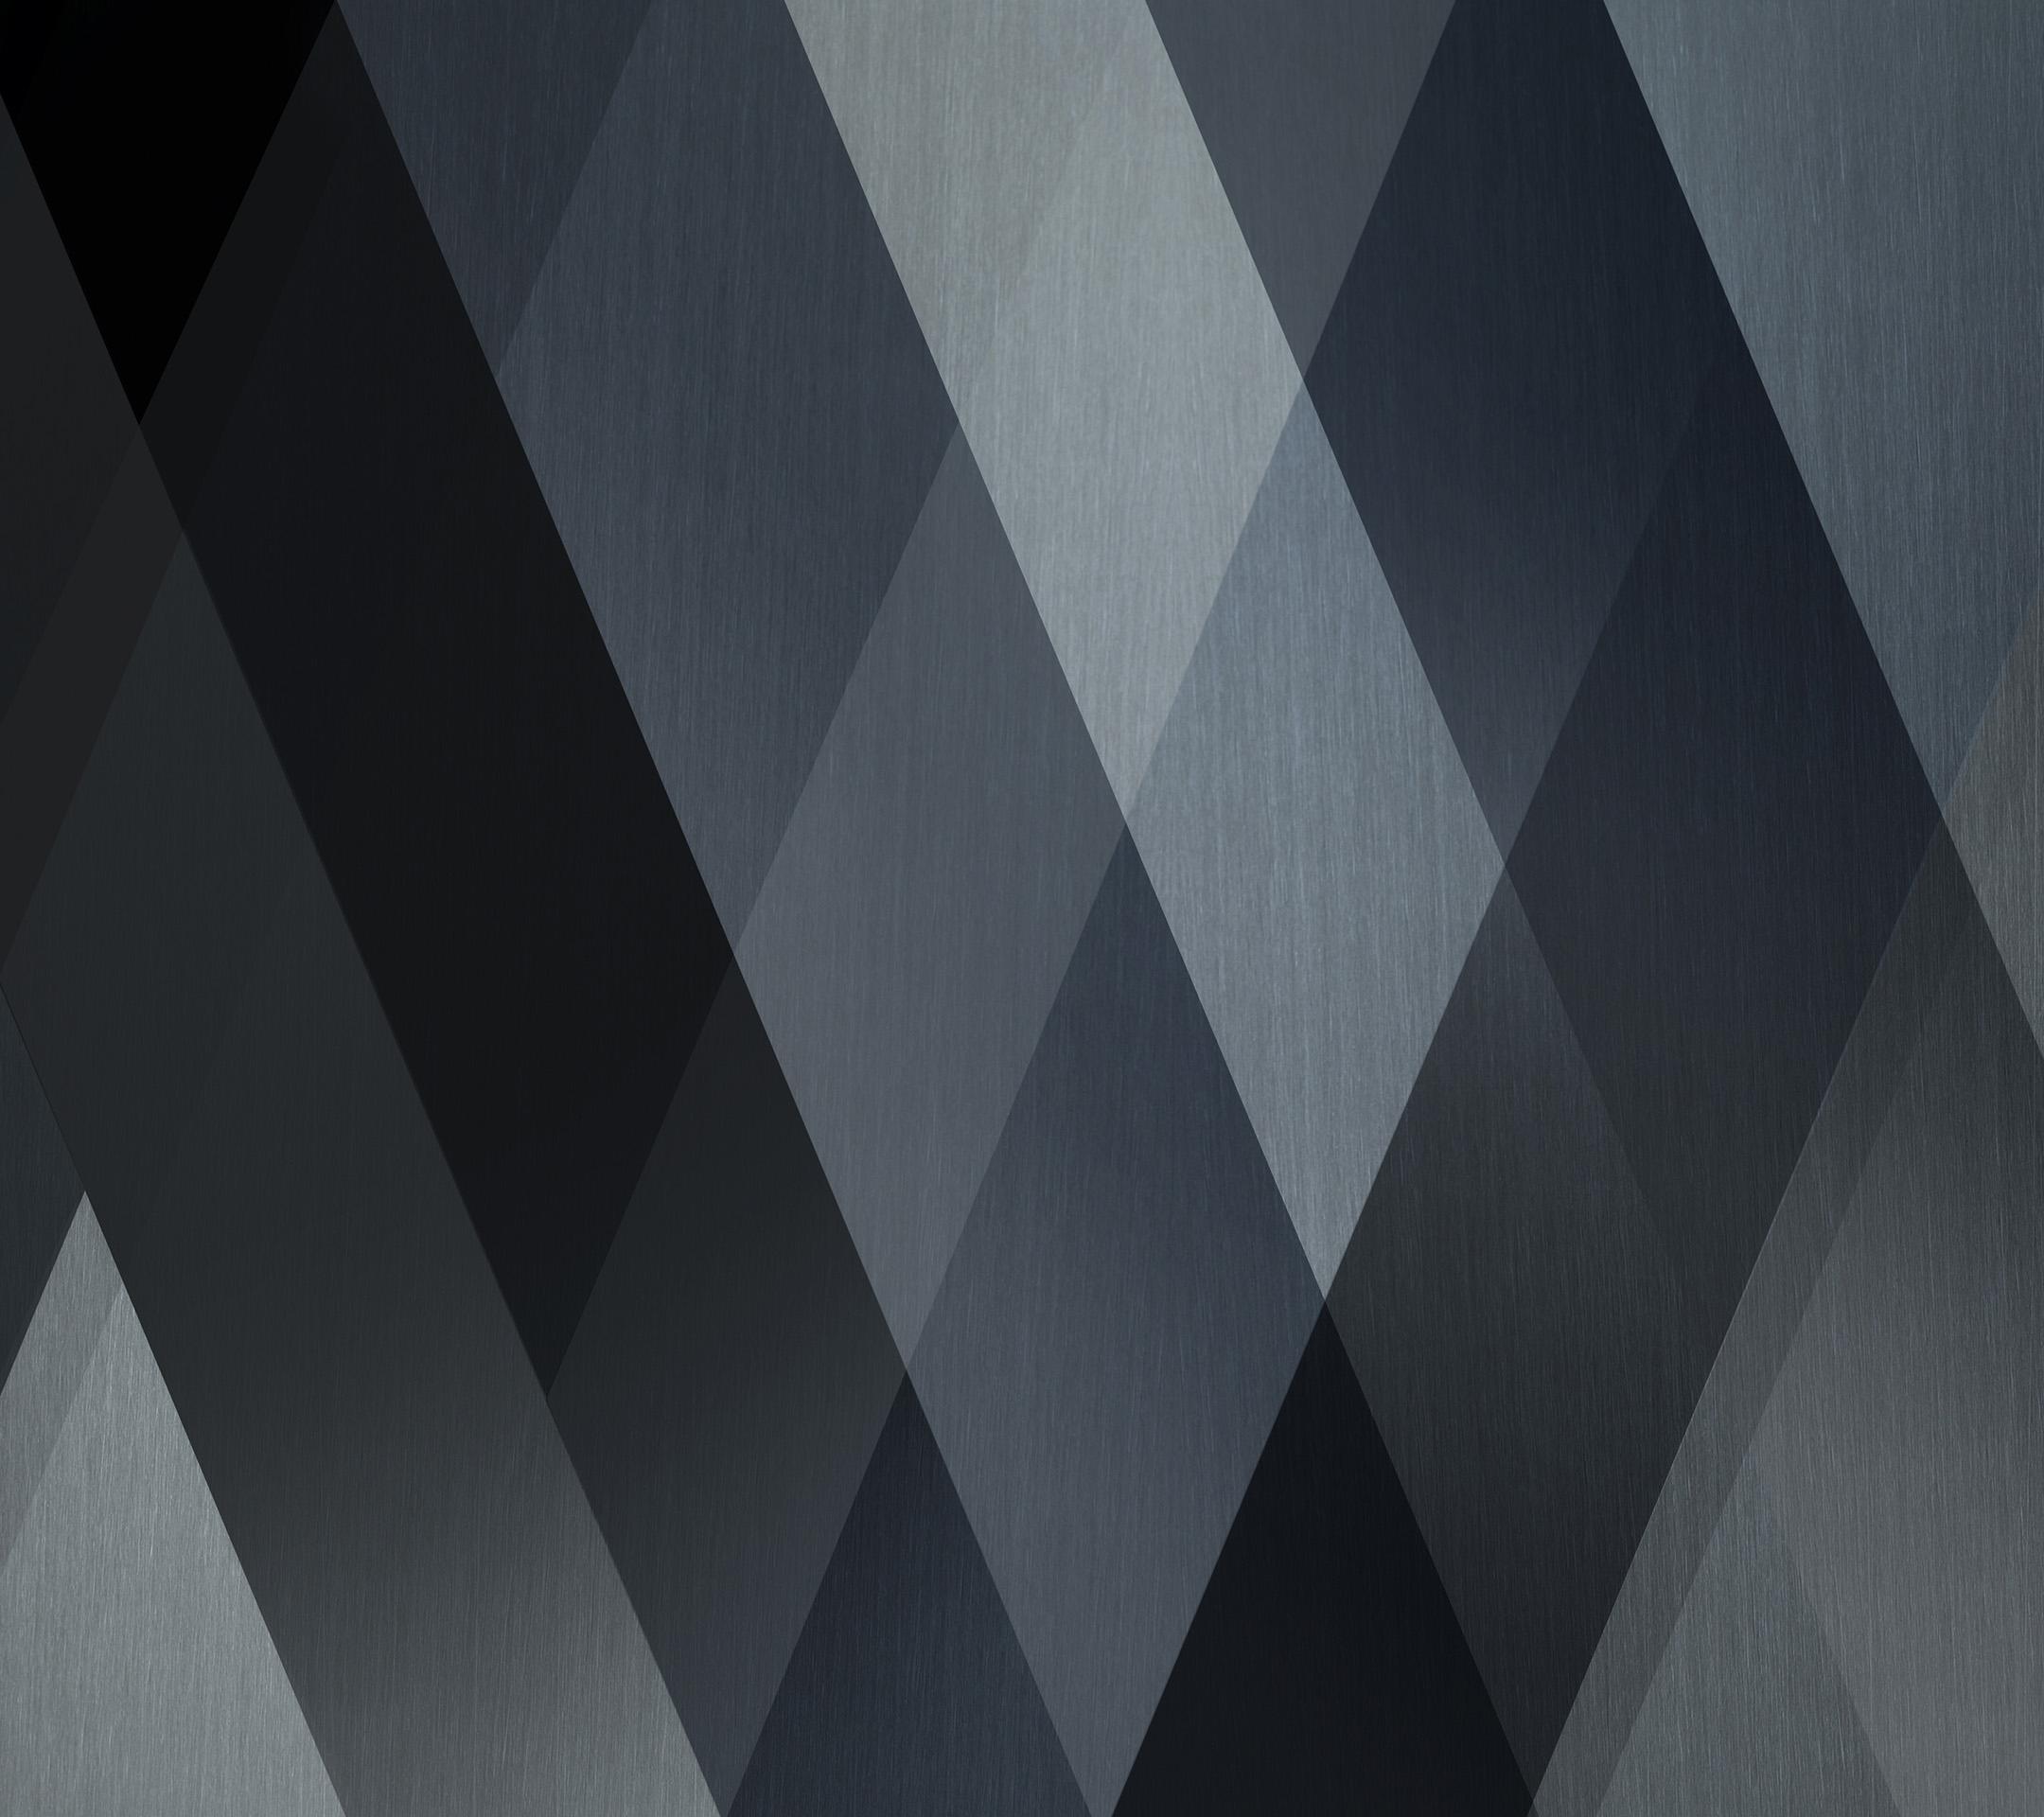 تحميل الخلفيات الرسمية لهاتف LG X Venture عالية الجودة بدقة Full HD